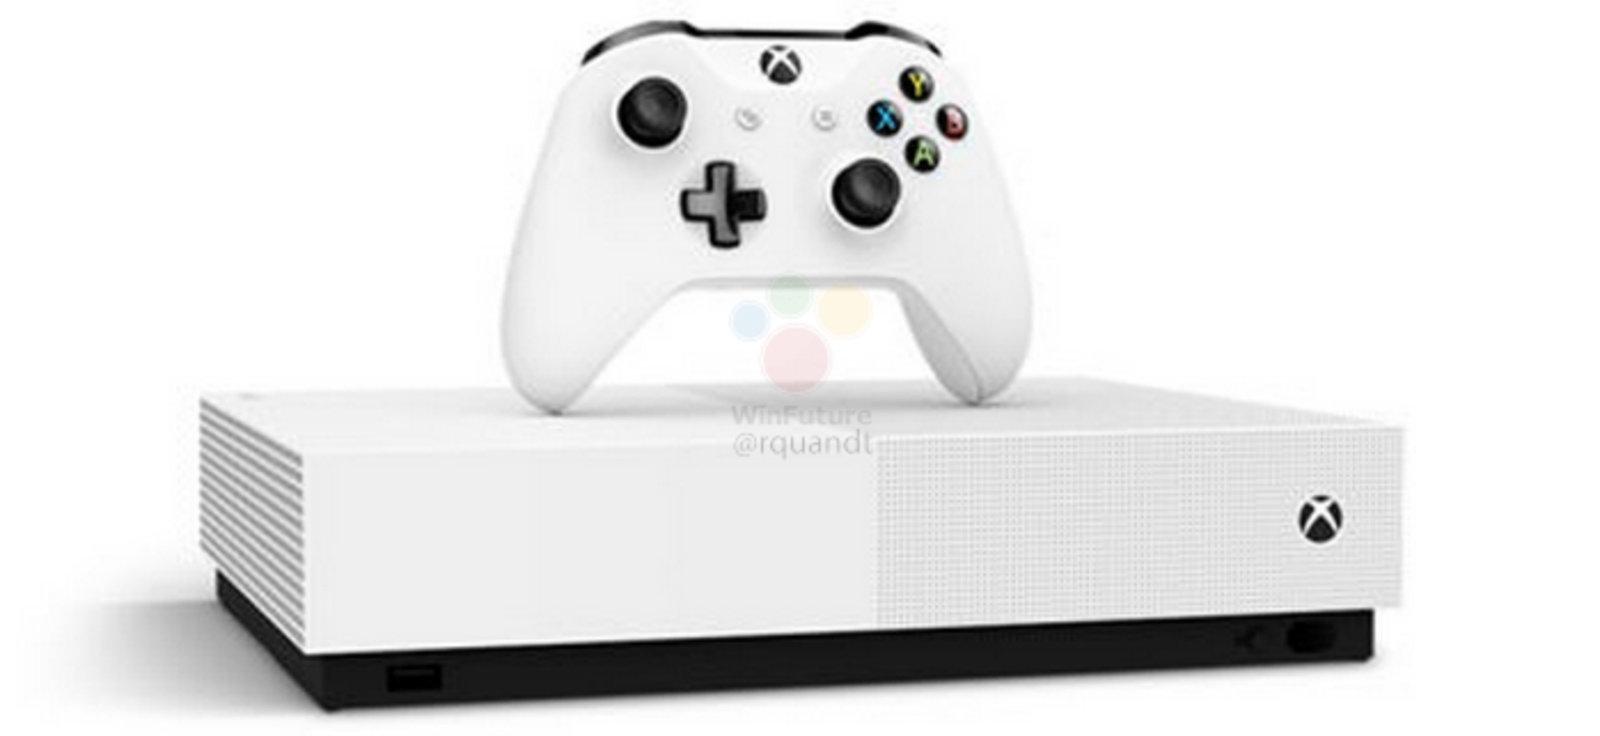 Ecco la nuova Xbox One senza dischi